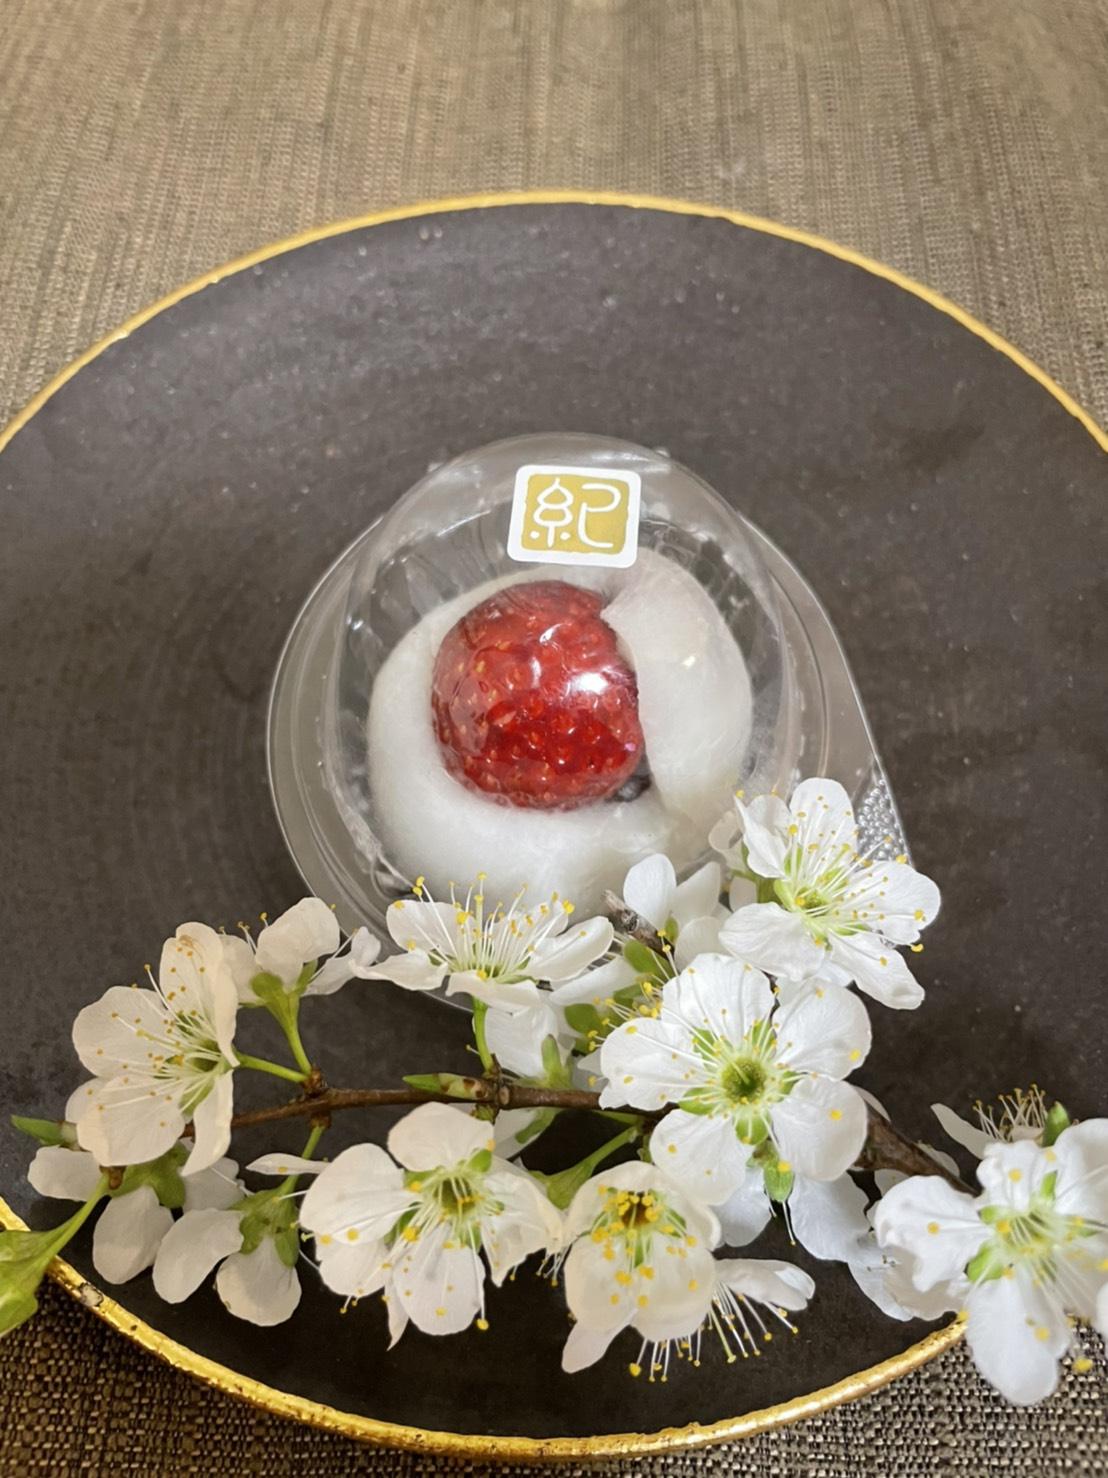 【おすすめいちごスイーツ】老舗゛紀の国屋゛の《いちご大福》と《桜餅》で春を味わう:*_2